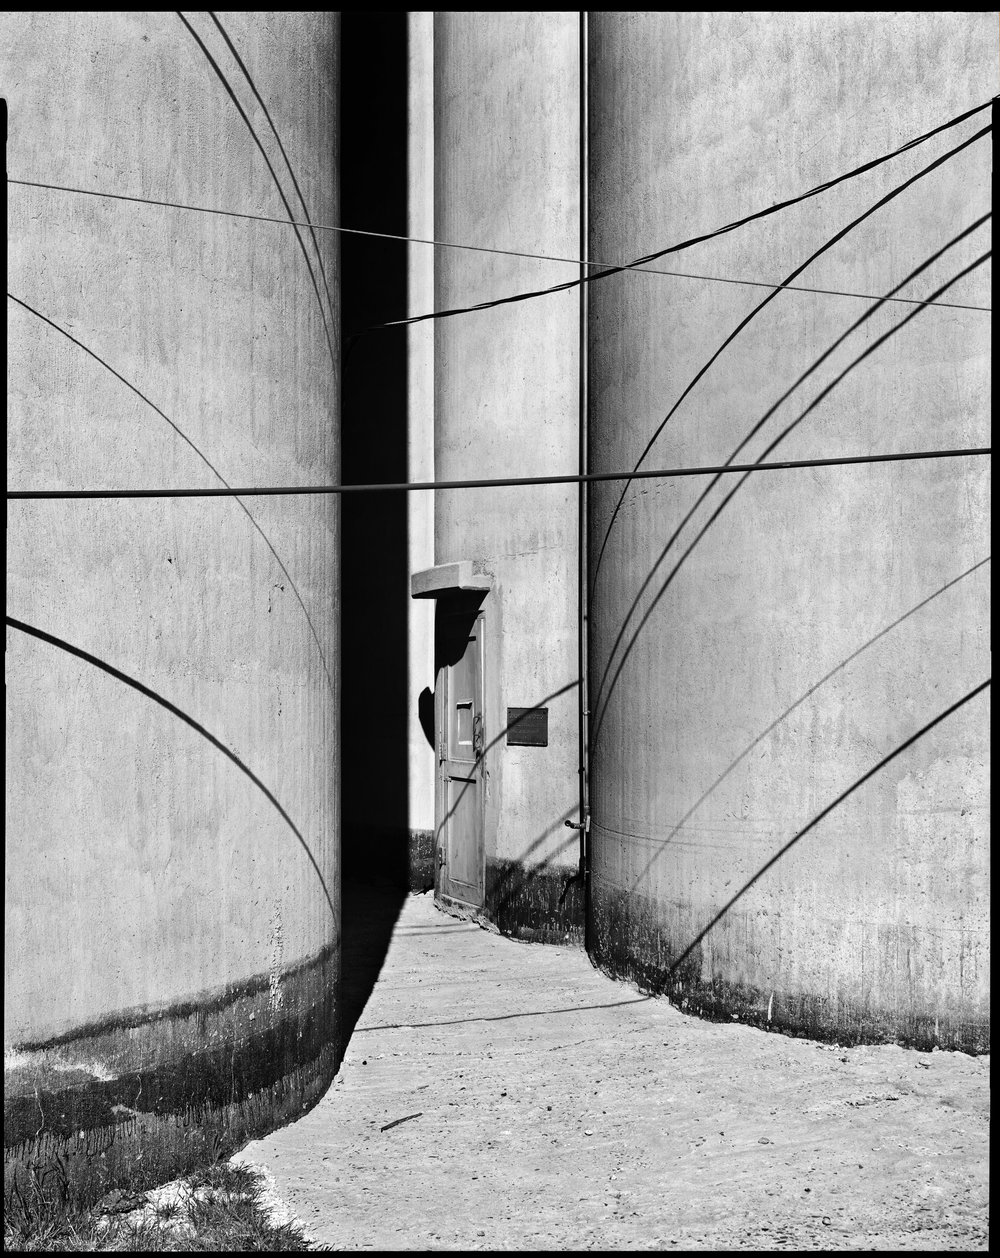 012___Cables_Door.jpg